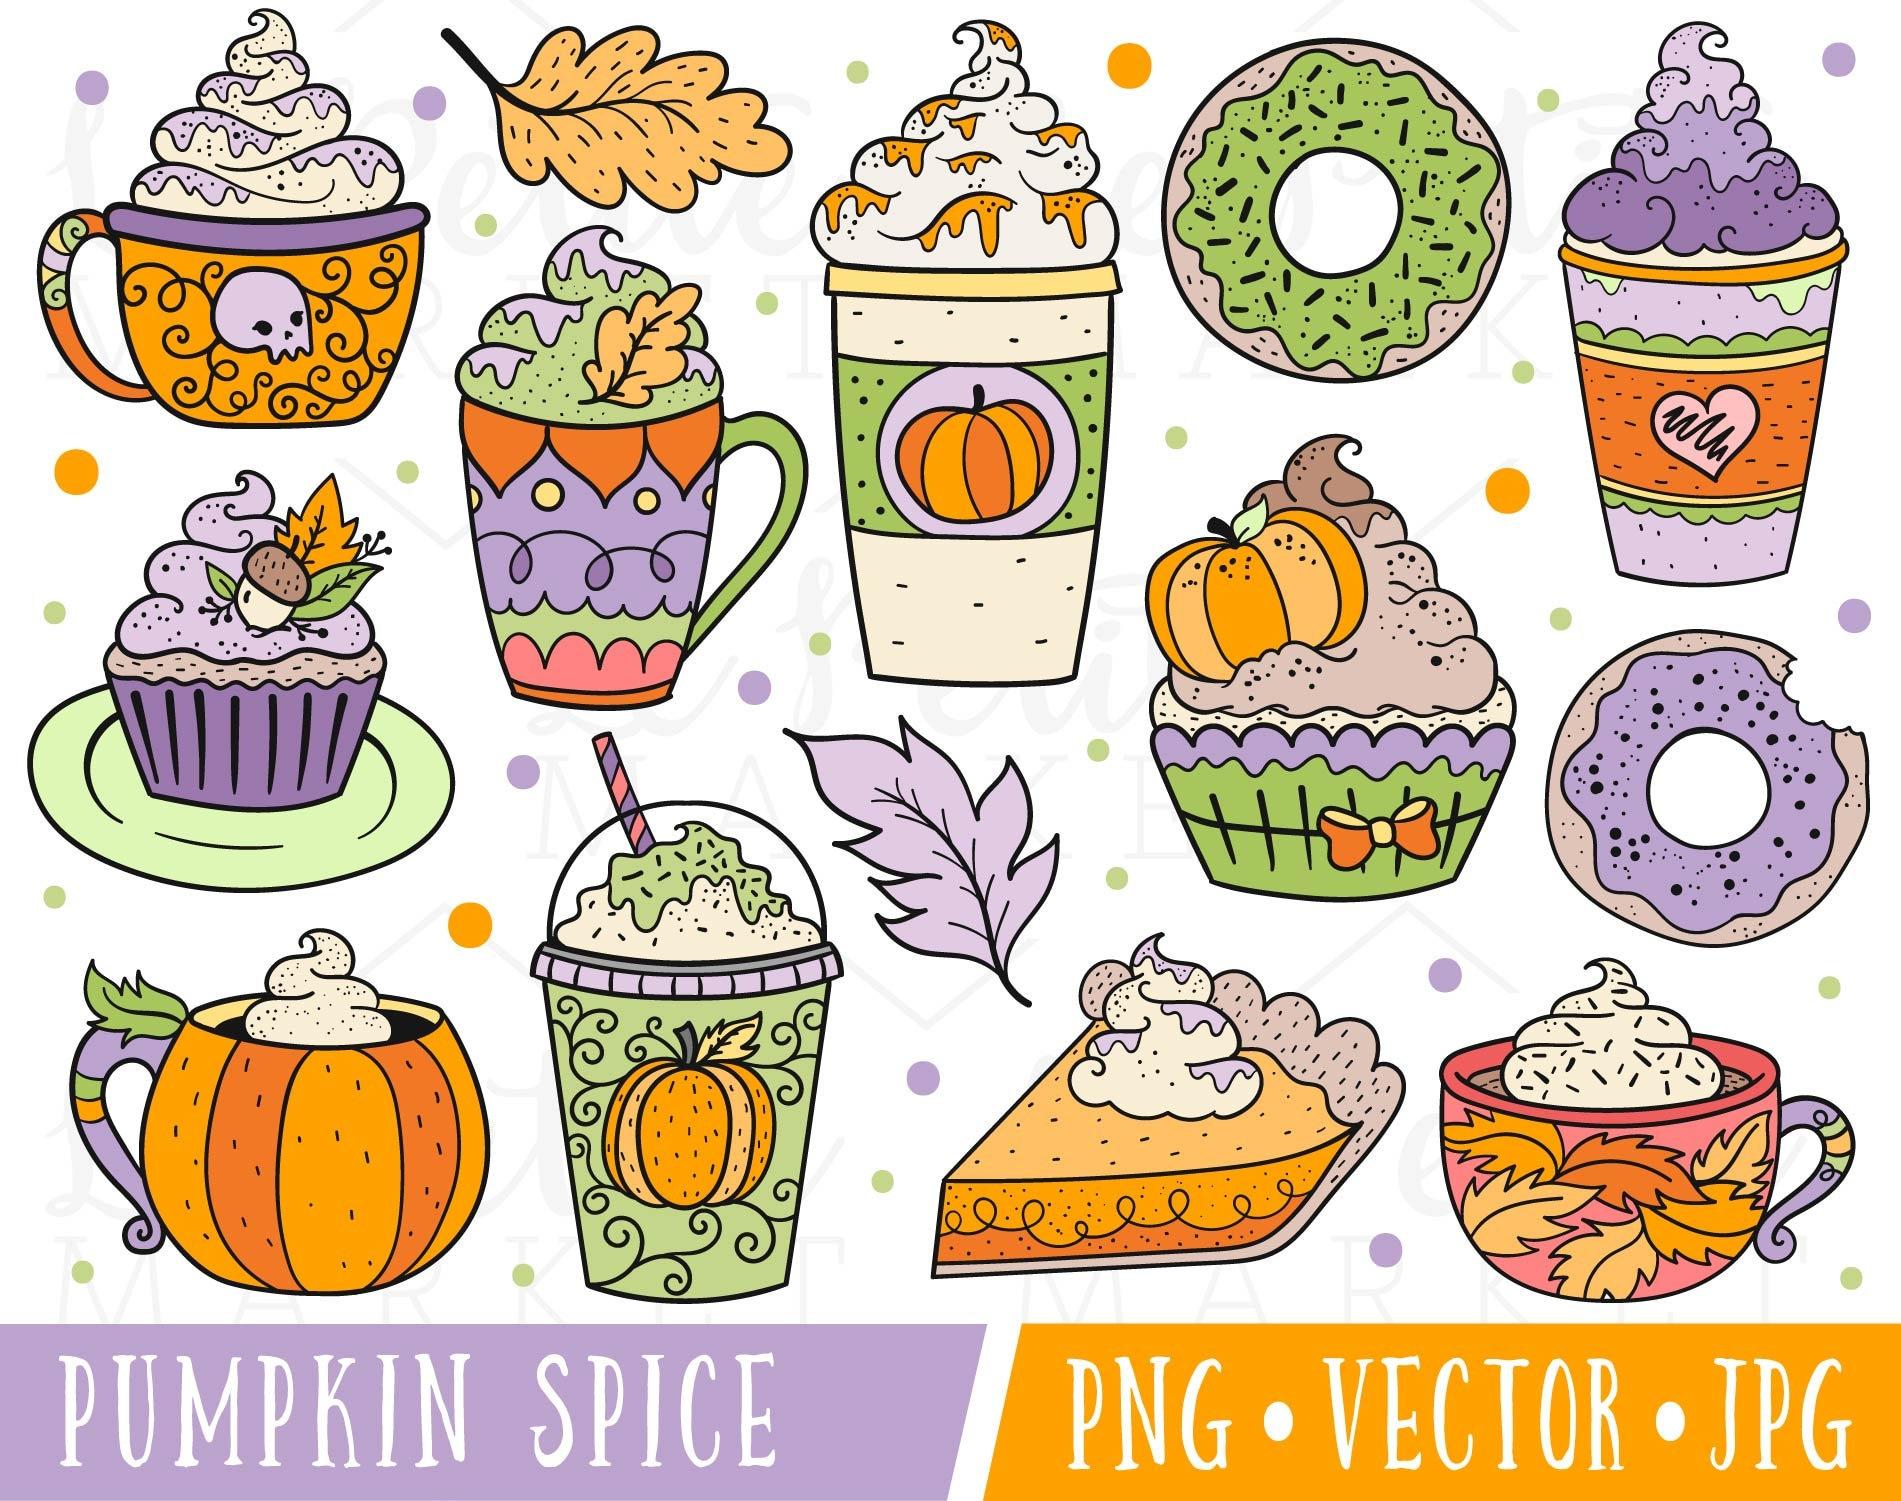 Cute Pumpkin Spice Clipart Images Pumpkin Spice Latte | Etsy